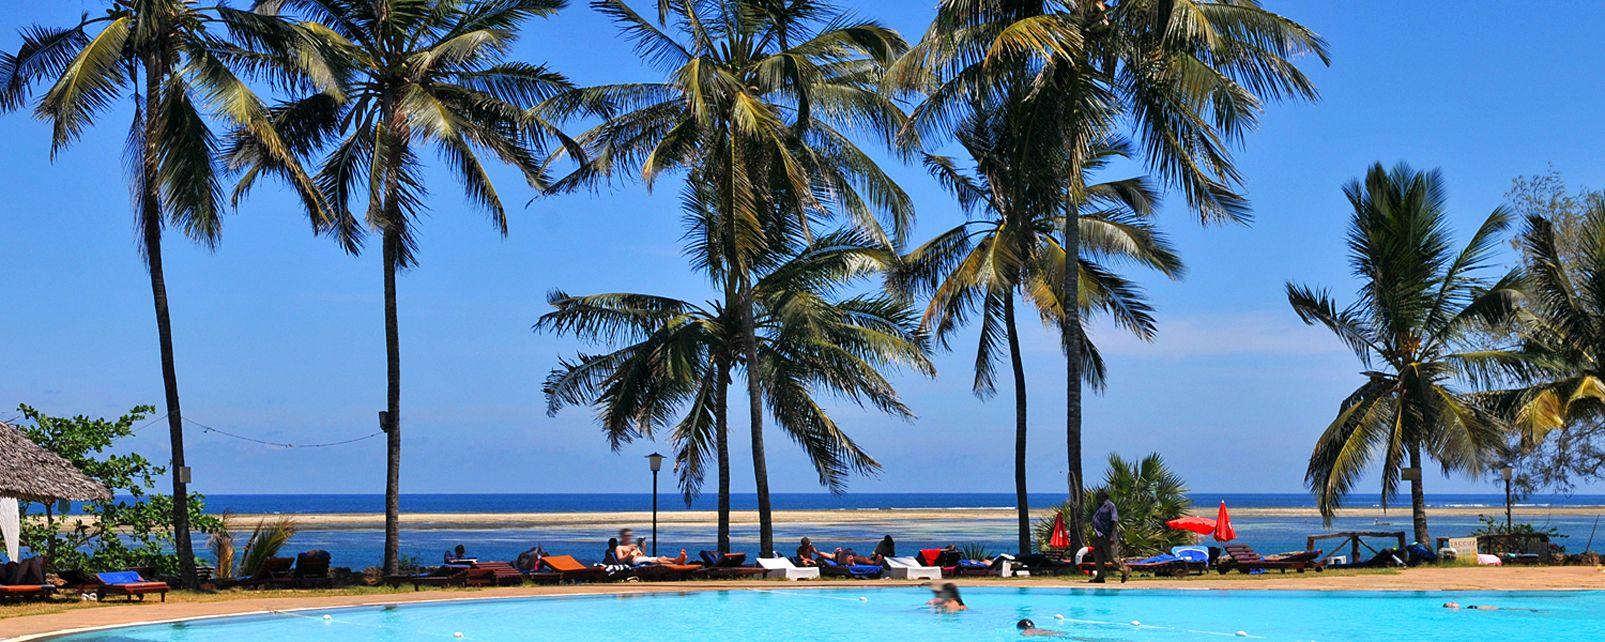 Hôtel Reef Hotel